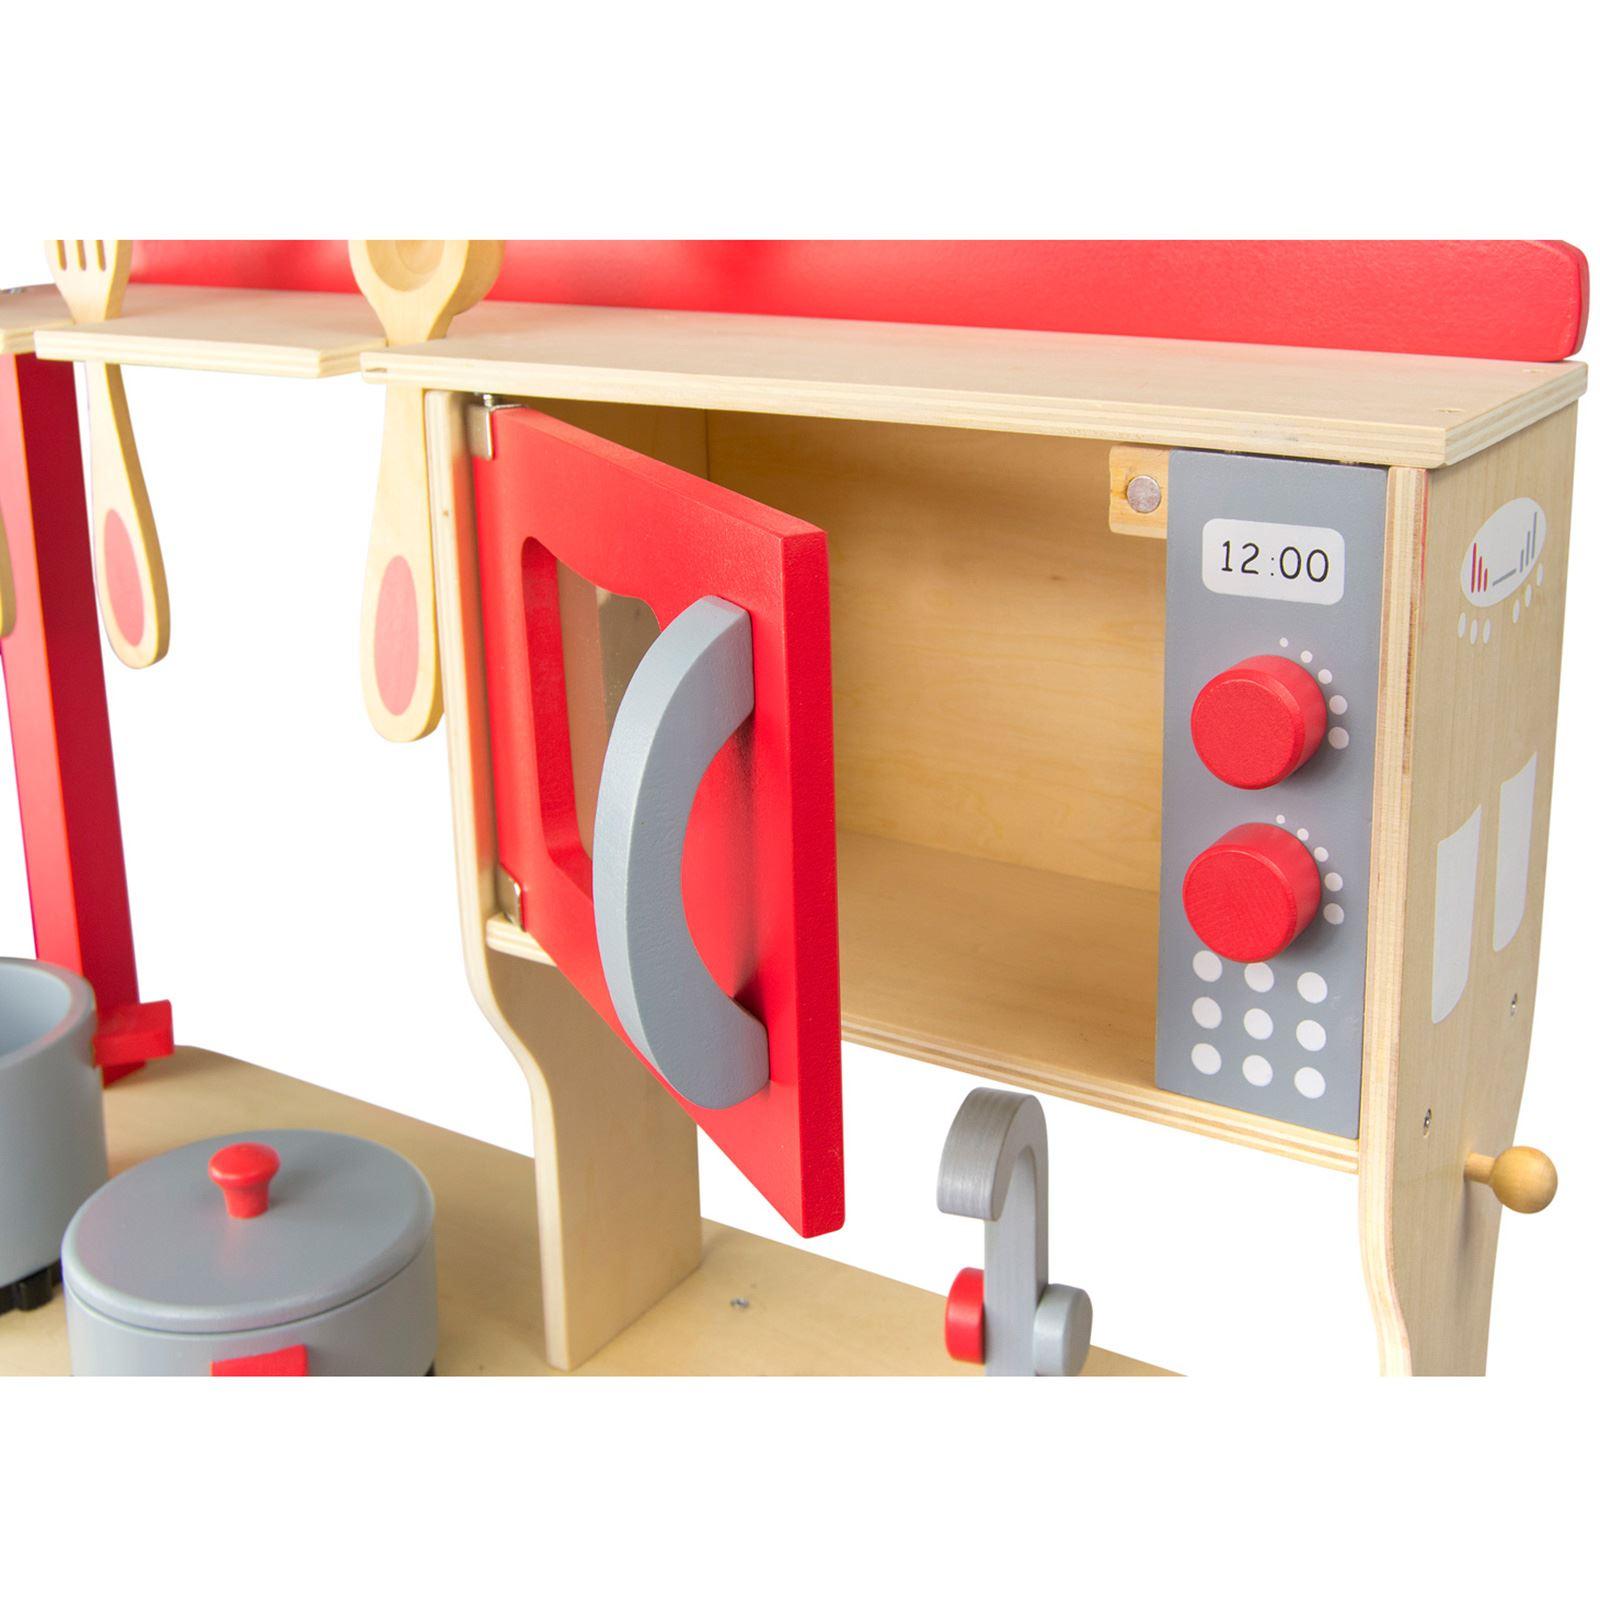 Leomark cucina in legno bambini gioco cucina con accessori for Cucina legno bambini amazon